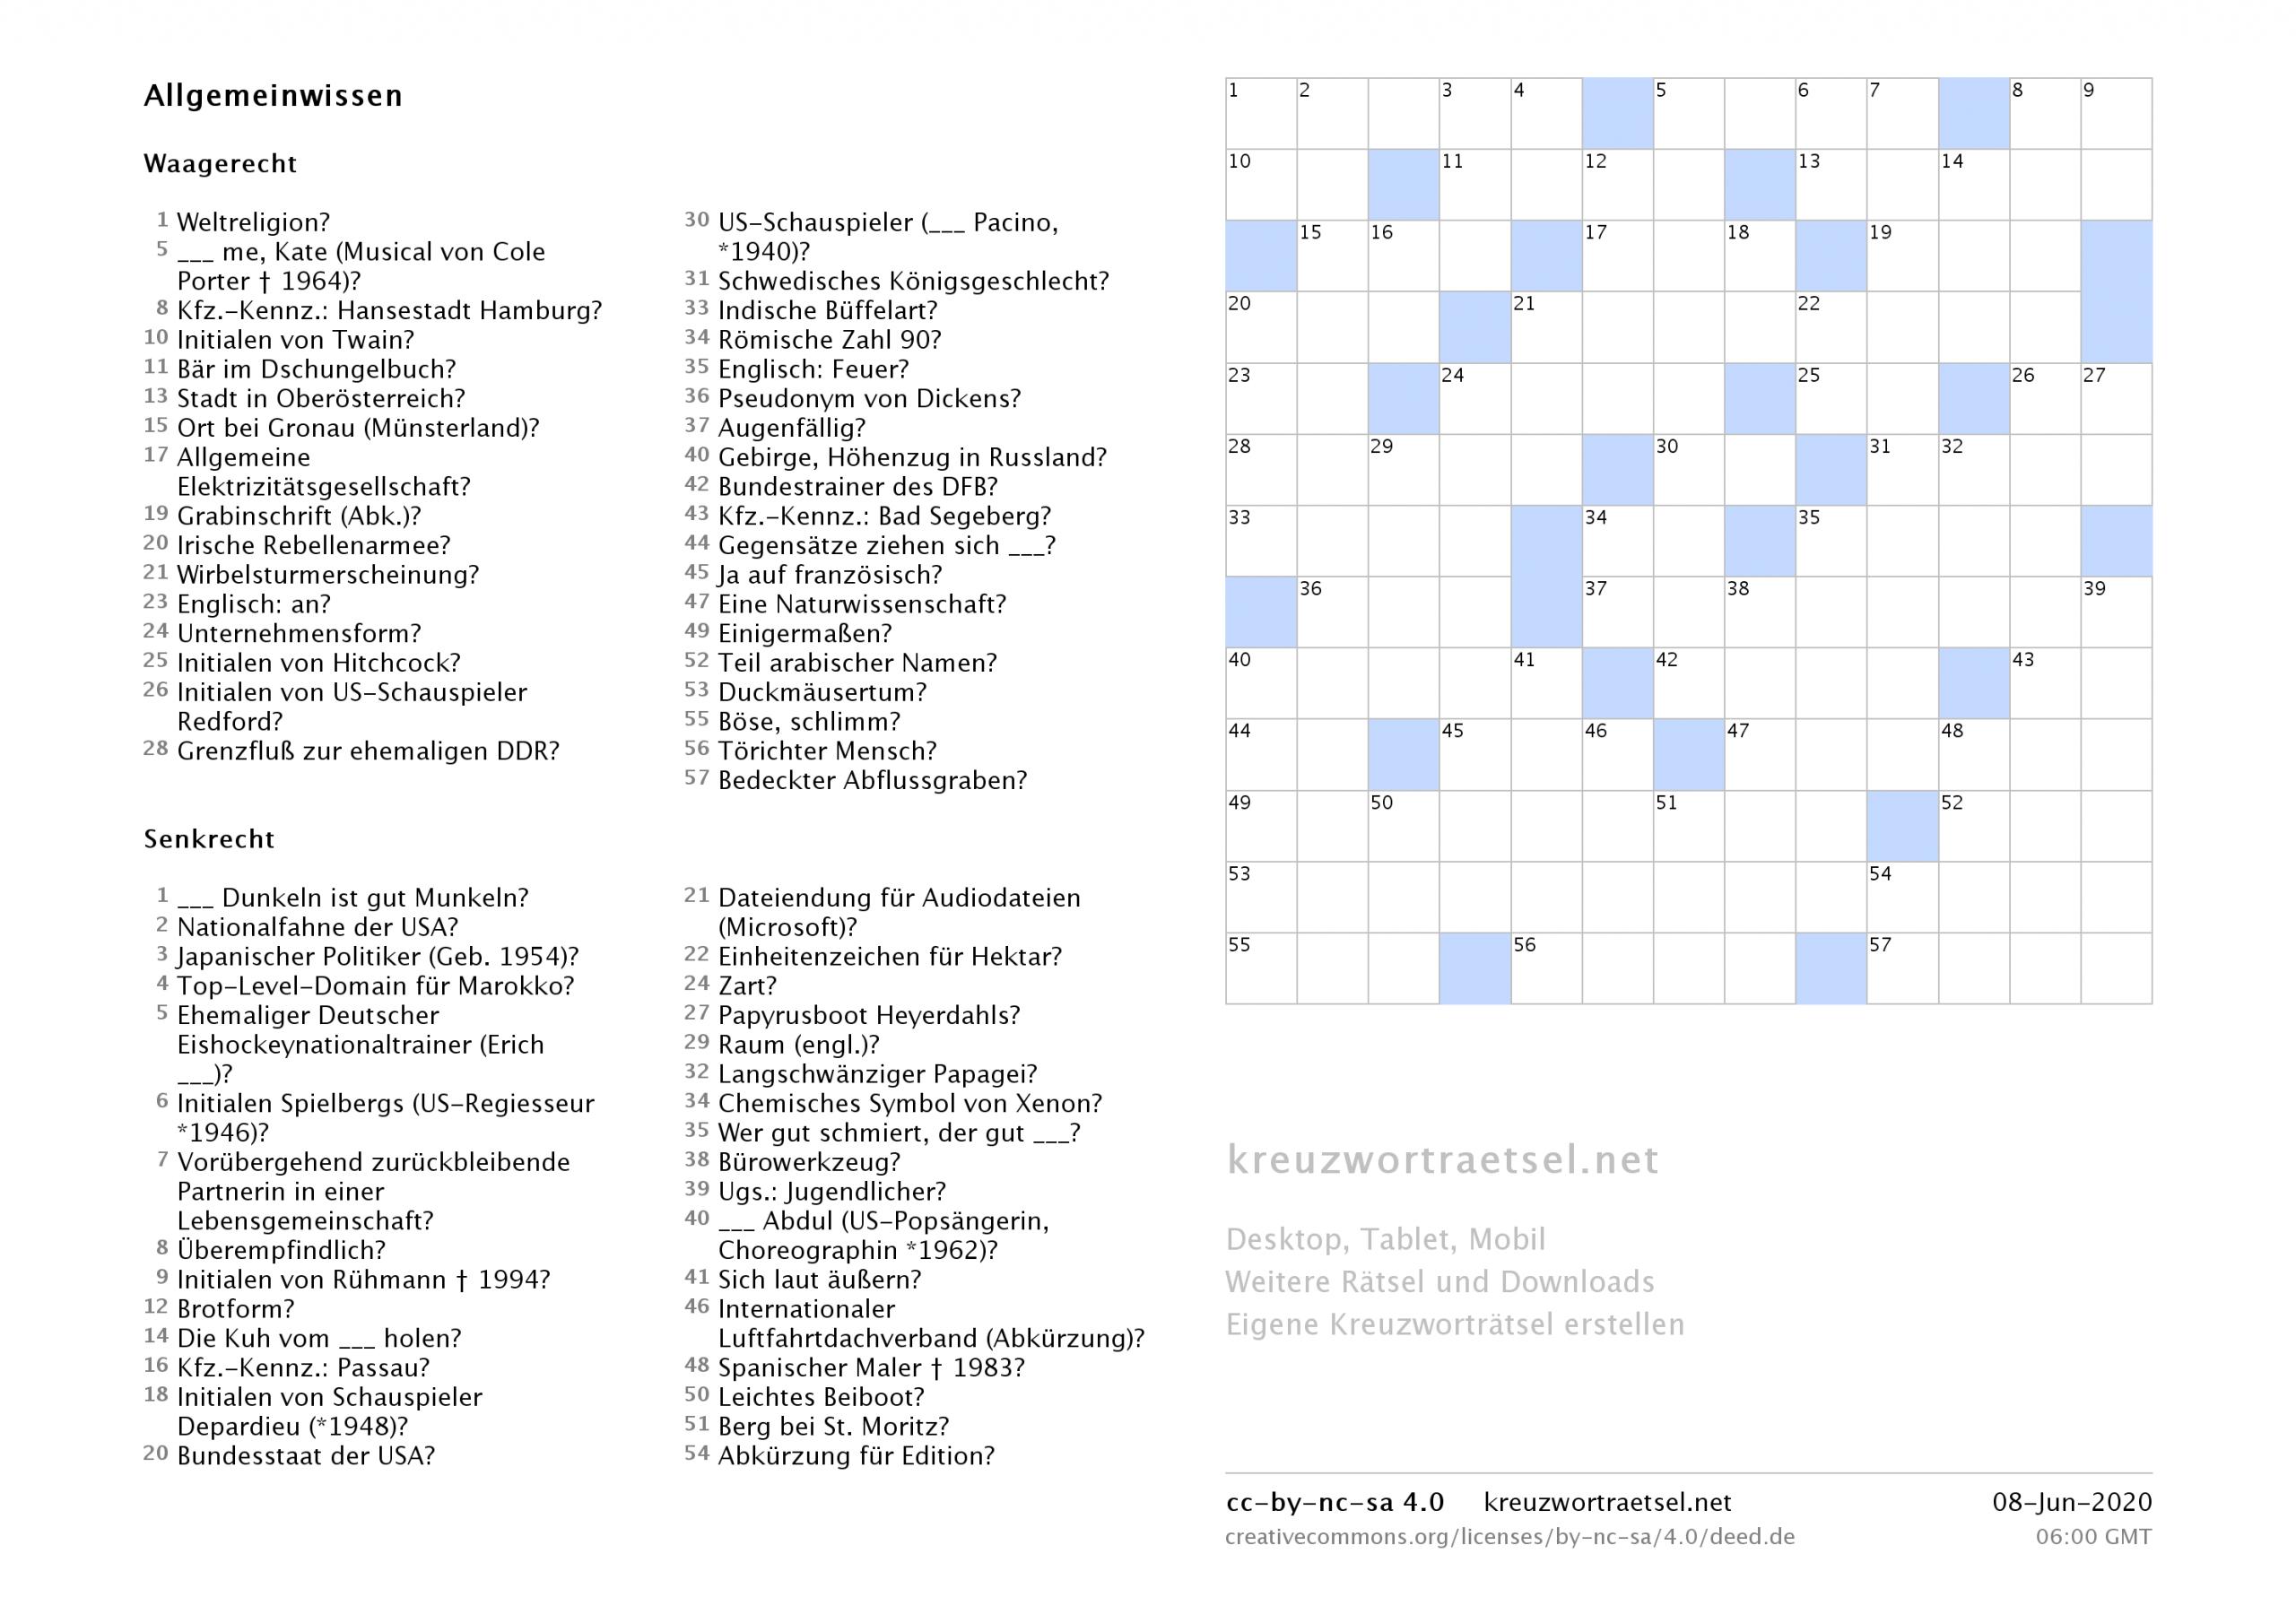 Kreuzworträtsel Zum Ausdrucken  Kreuzworträtsel verwandt mit Kostenlose Kreuzworträtsel